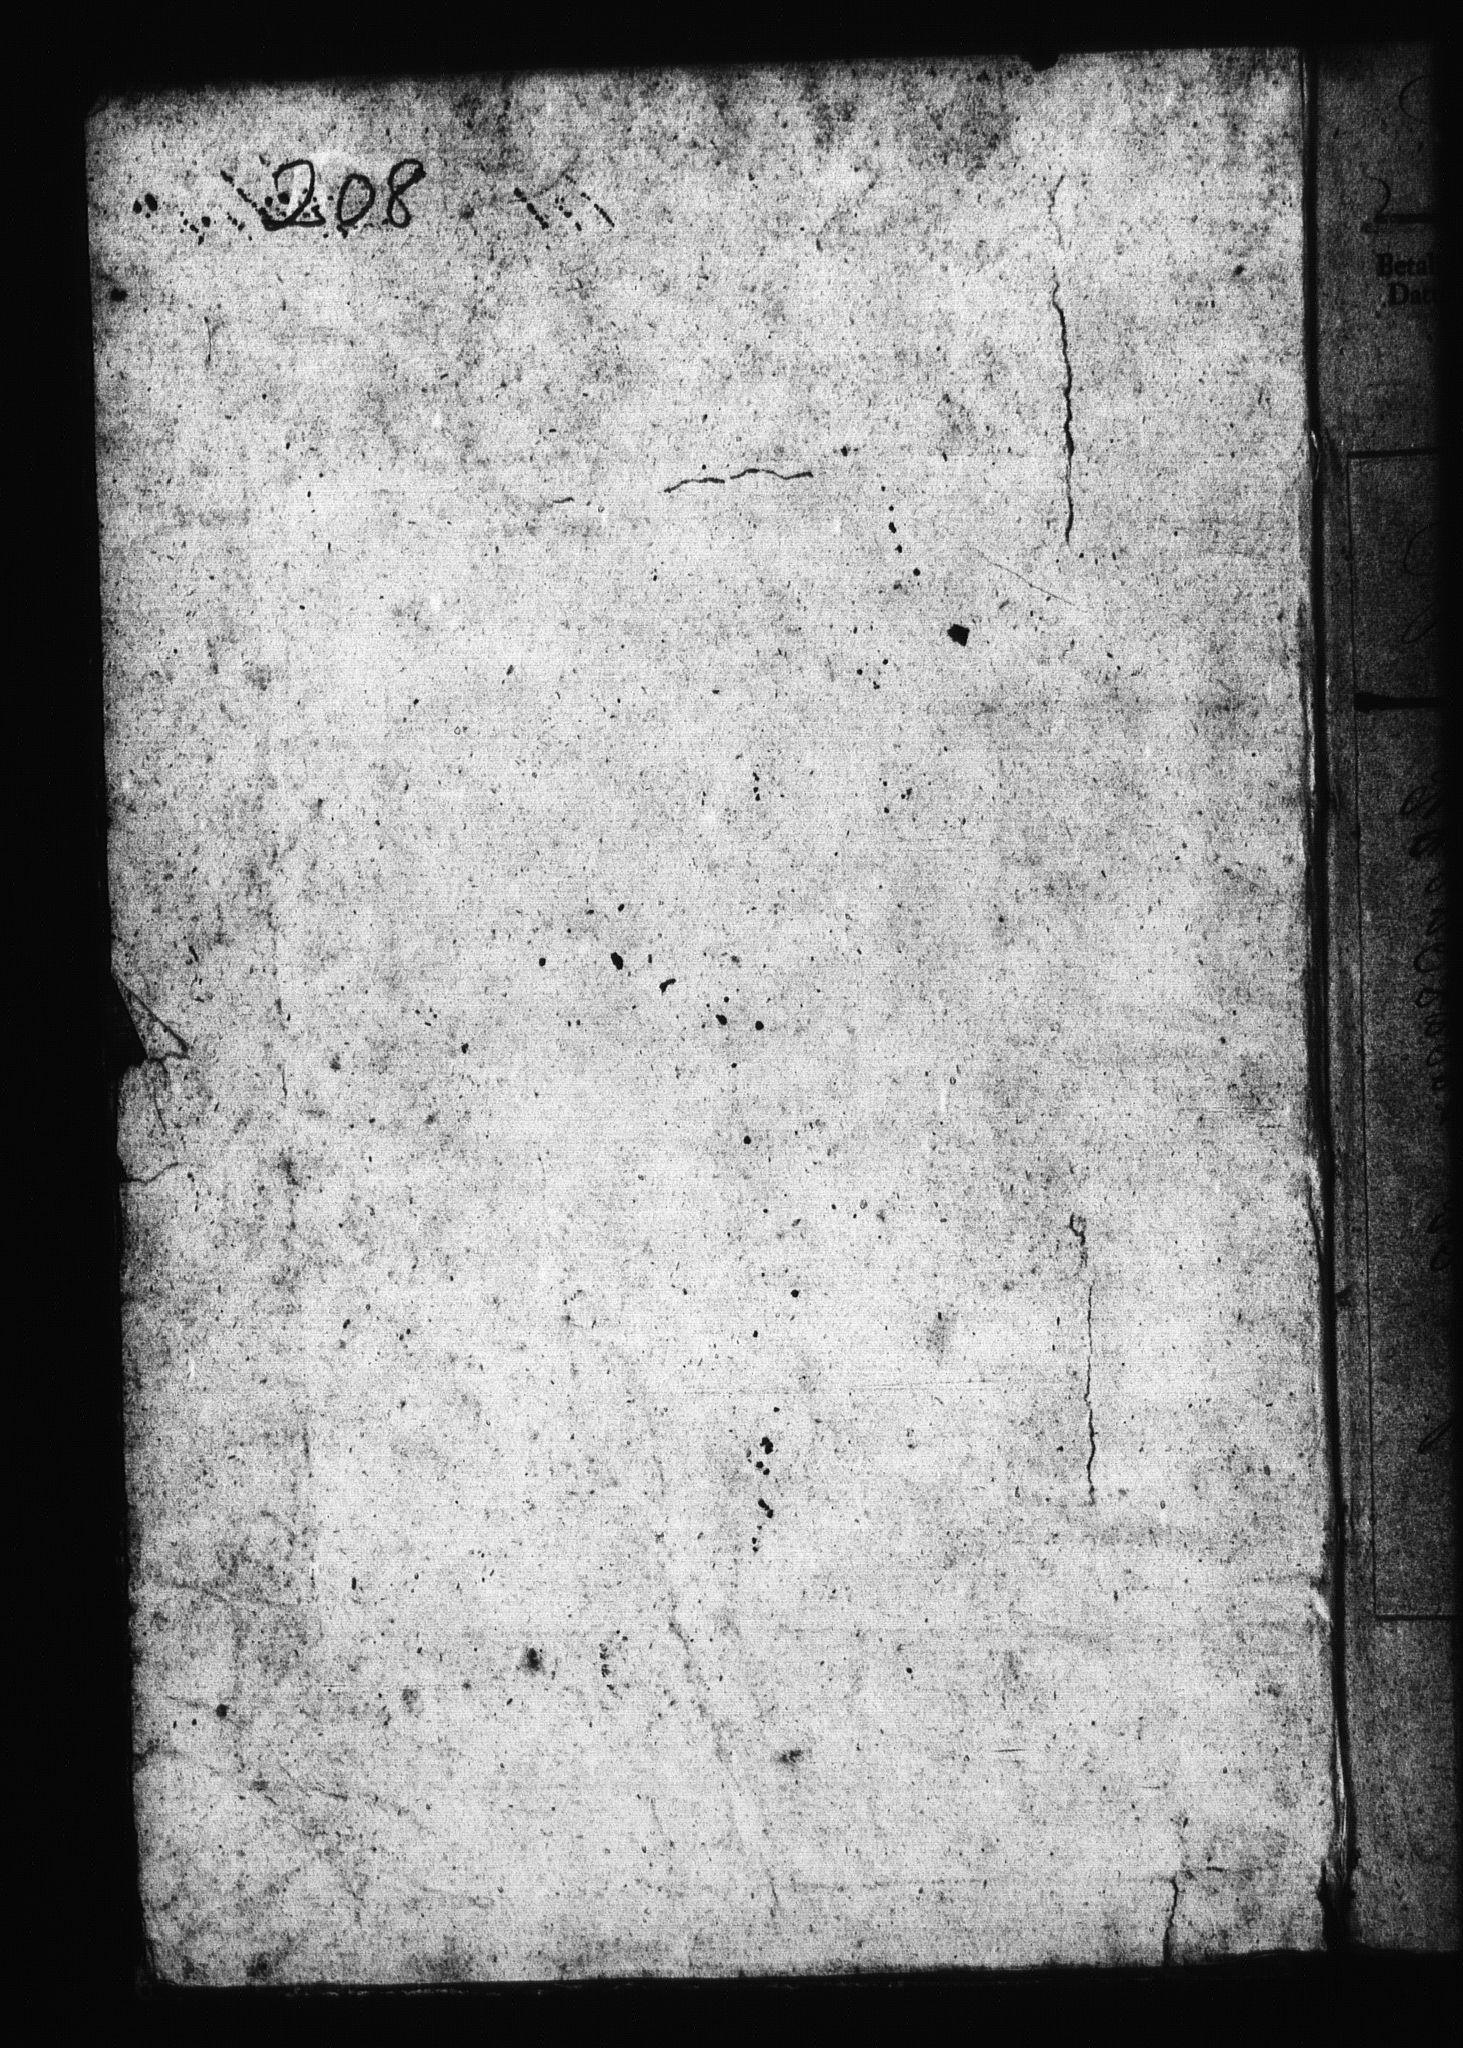 RA, Sjøetaten, F/L0209: Fredrikshalds distrikt, bind 2, 1813